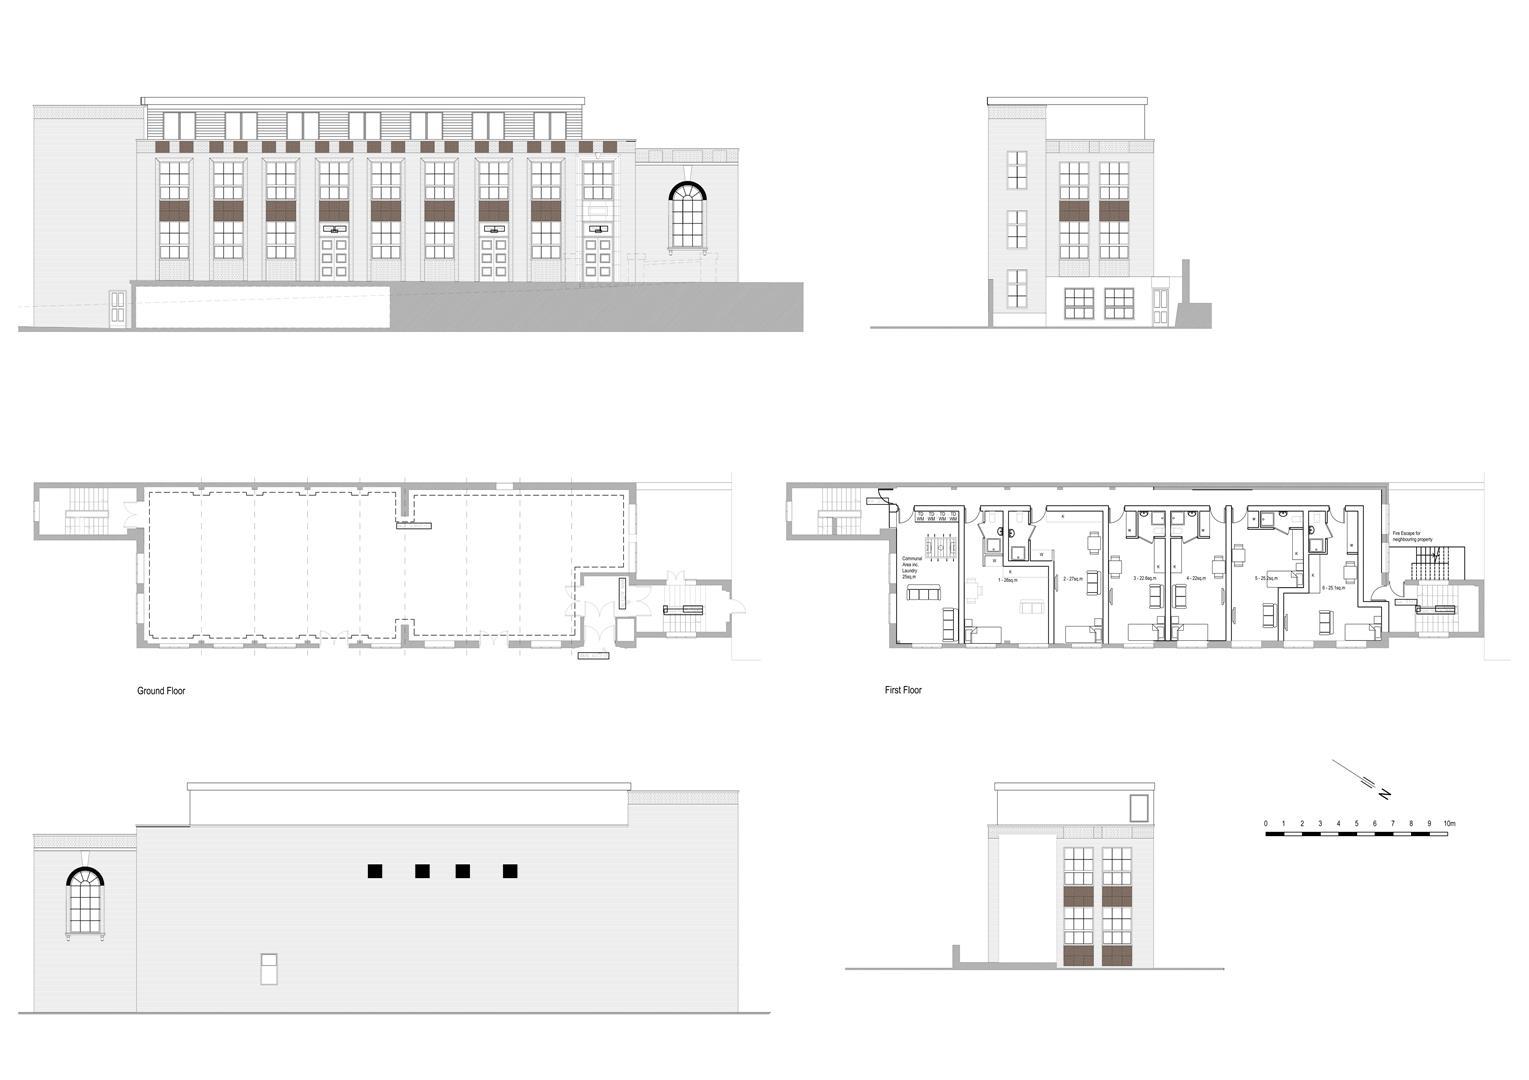 02 - Ground - First Floor Plan.jpg